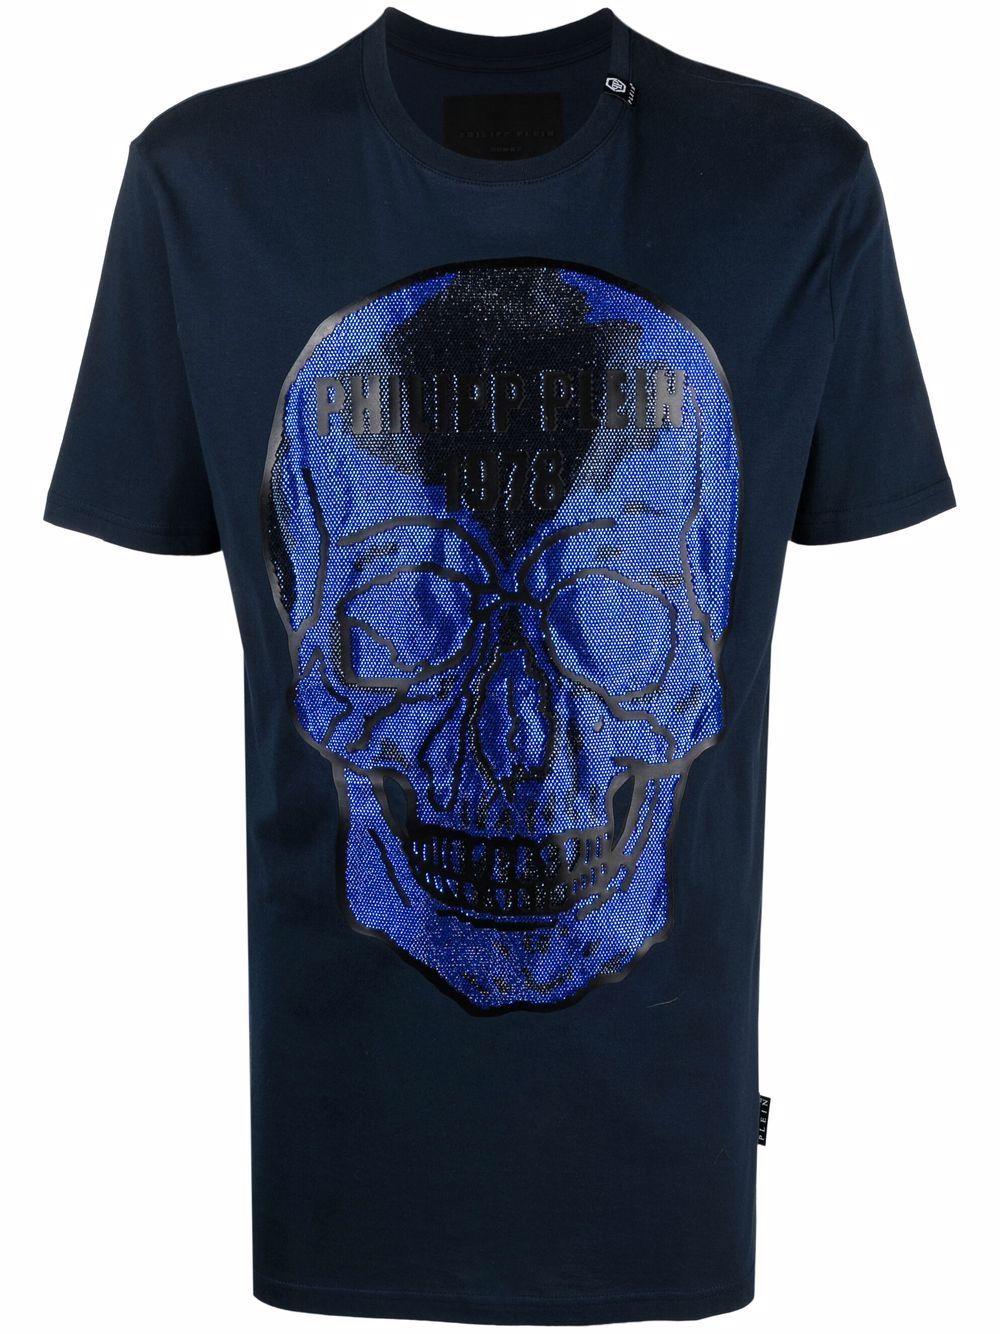 Philipp Plein T-Shirt mit verziertem Totenkopf - Blau